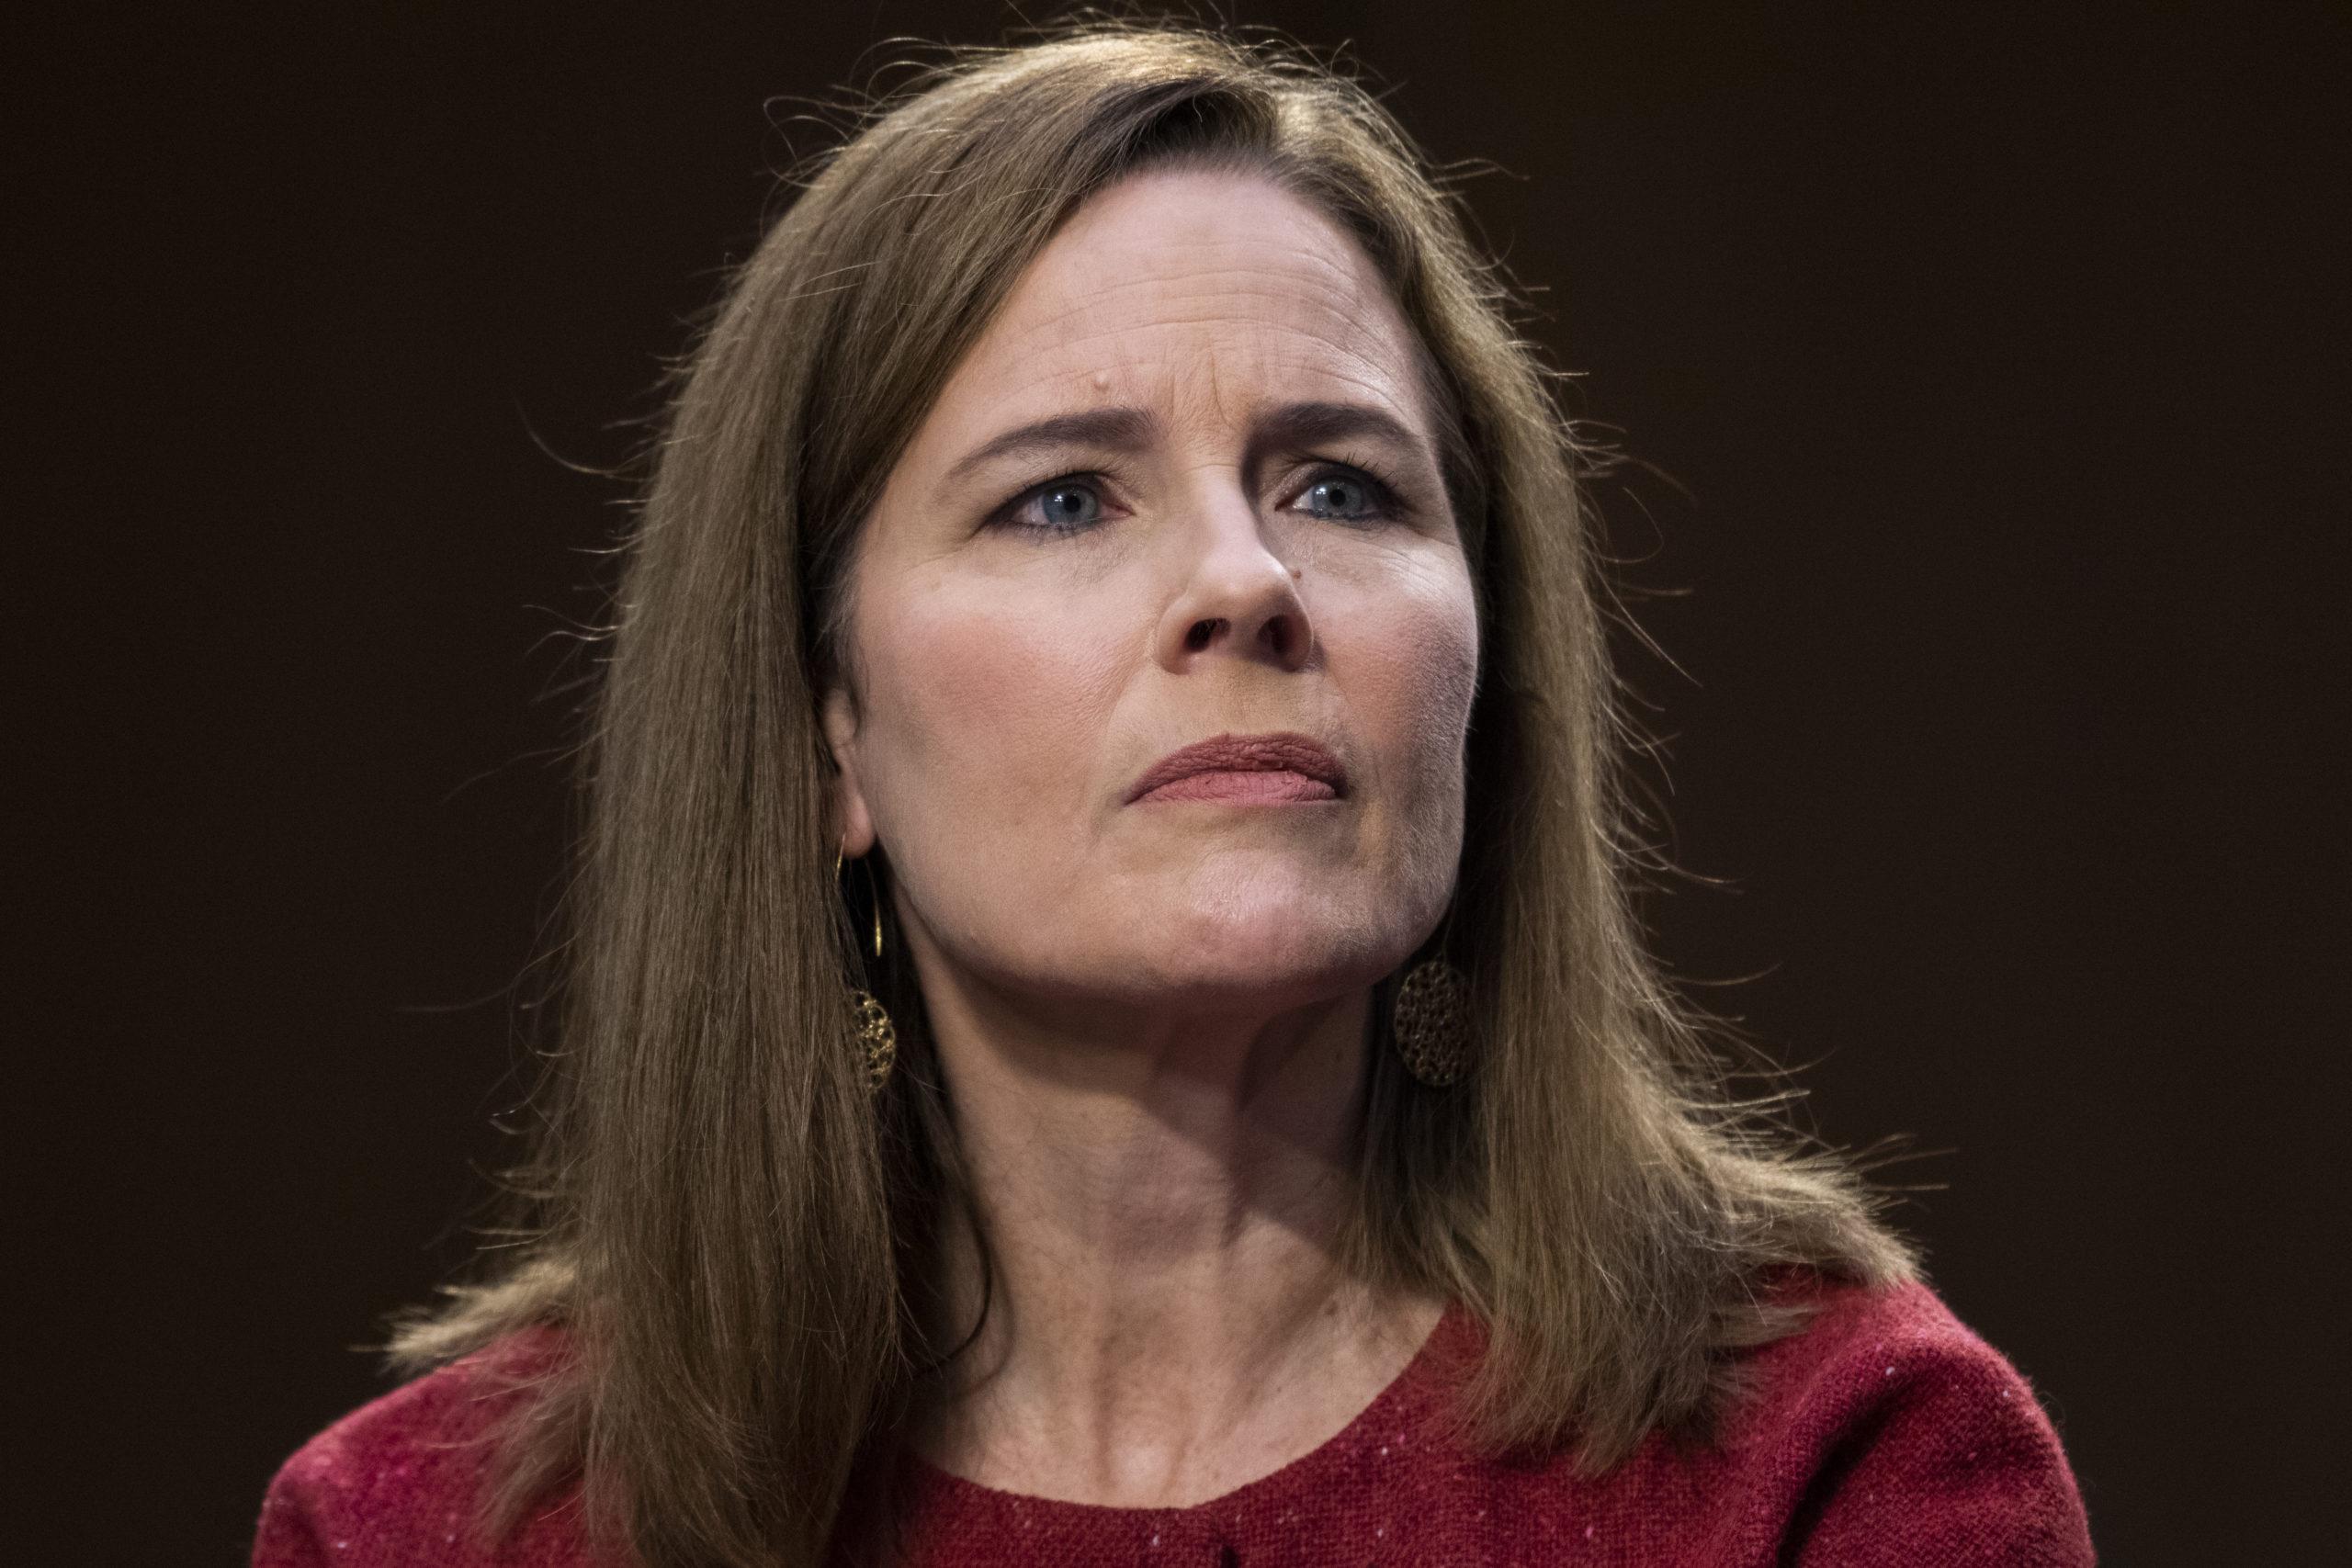 La candidate à la Cour suprême Amy Coney Barrett témoigne le deuxième jour de son audience de confirmation du Comité judiciaire du Sénat.